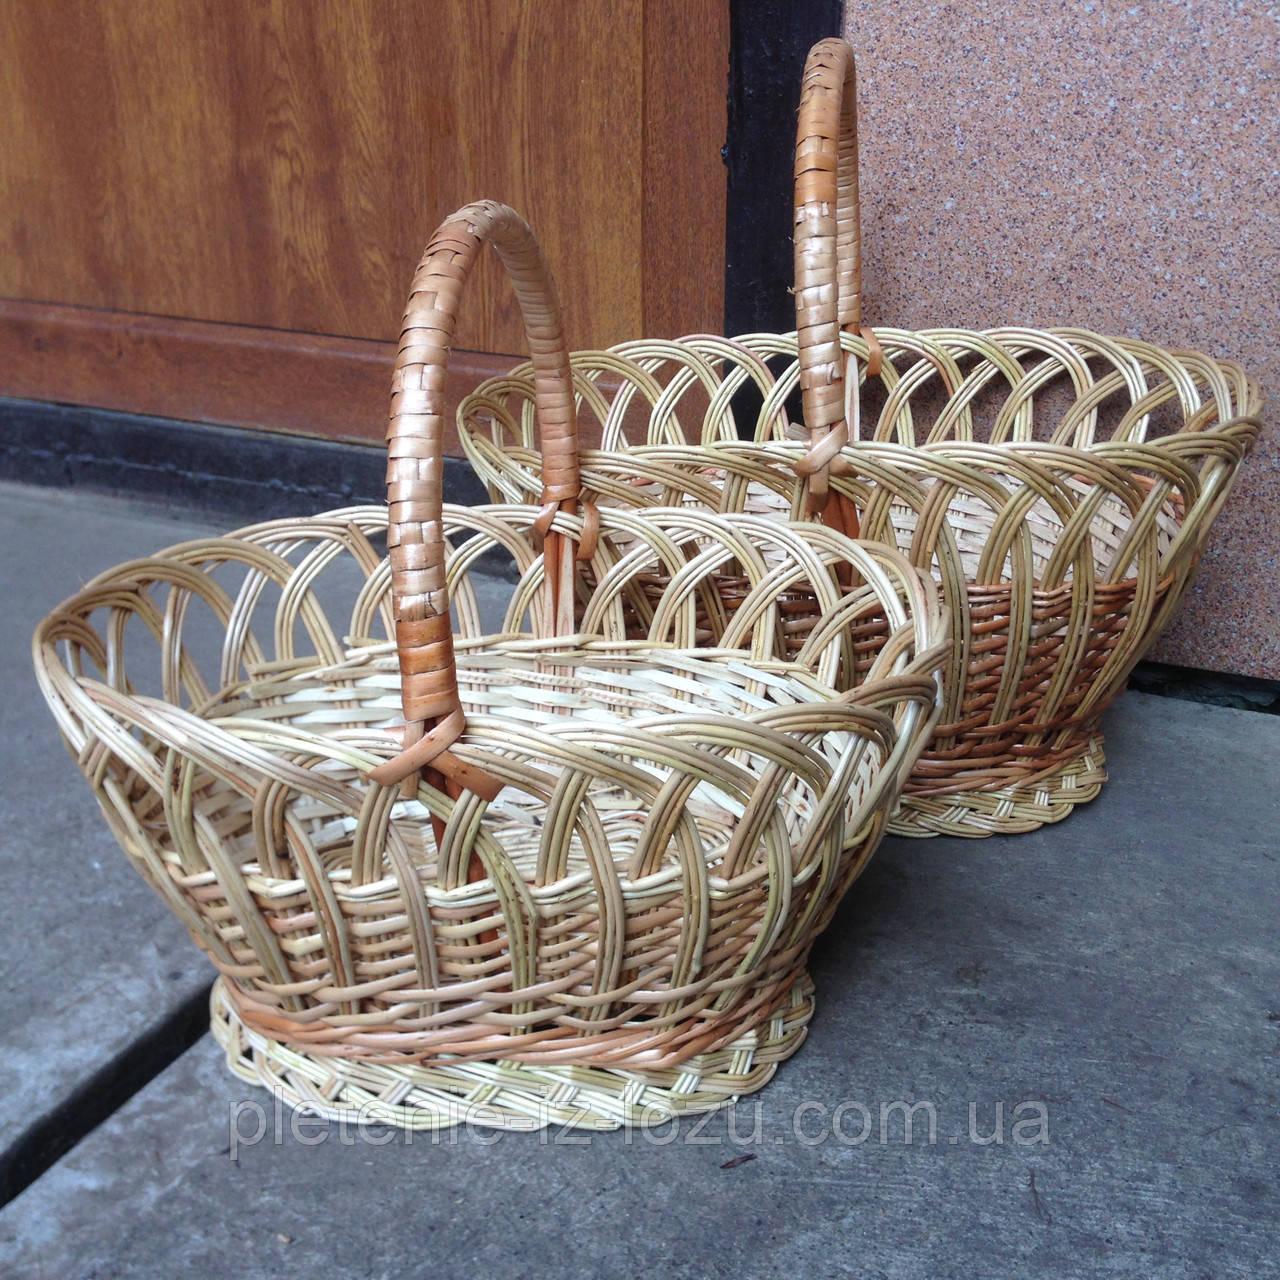 7eab6497d7cfc Плетеные пасхальные корзины, цена 250 грн., купить с.Іза — Prom.ua  (ID#238449890)